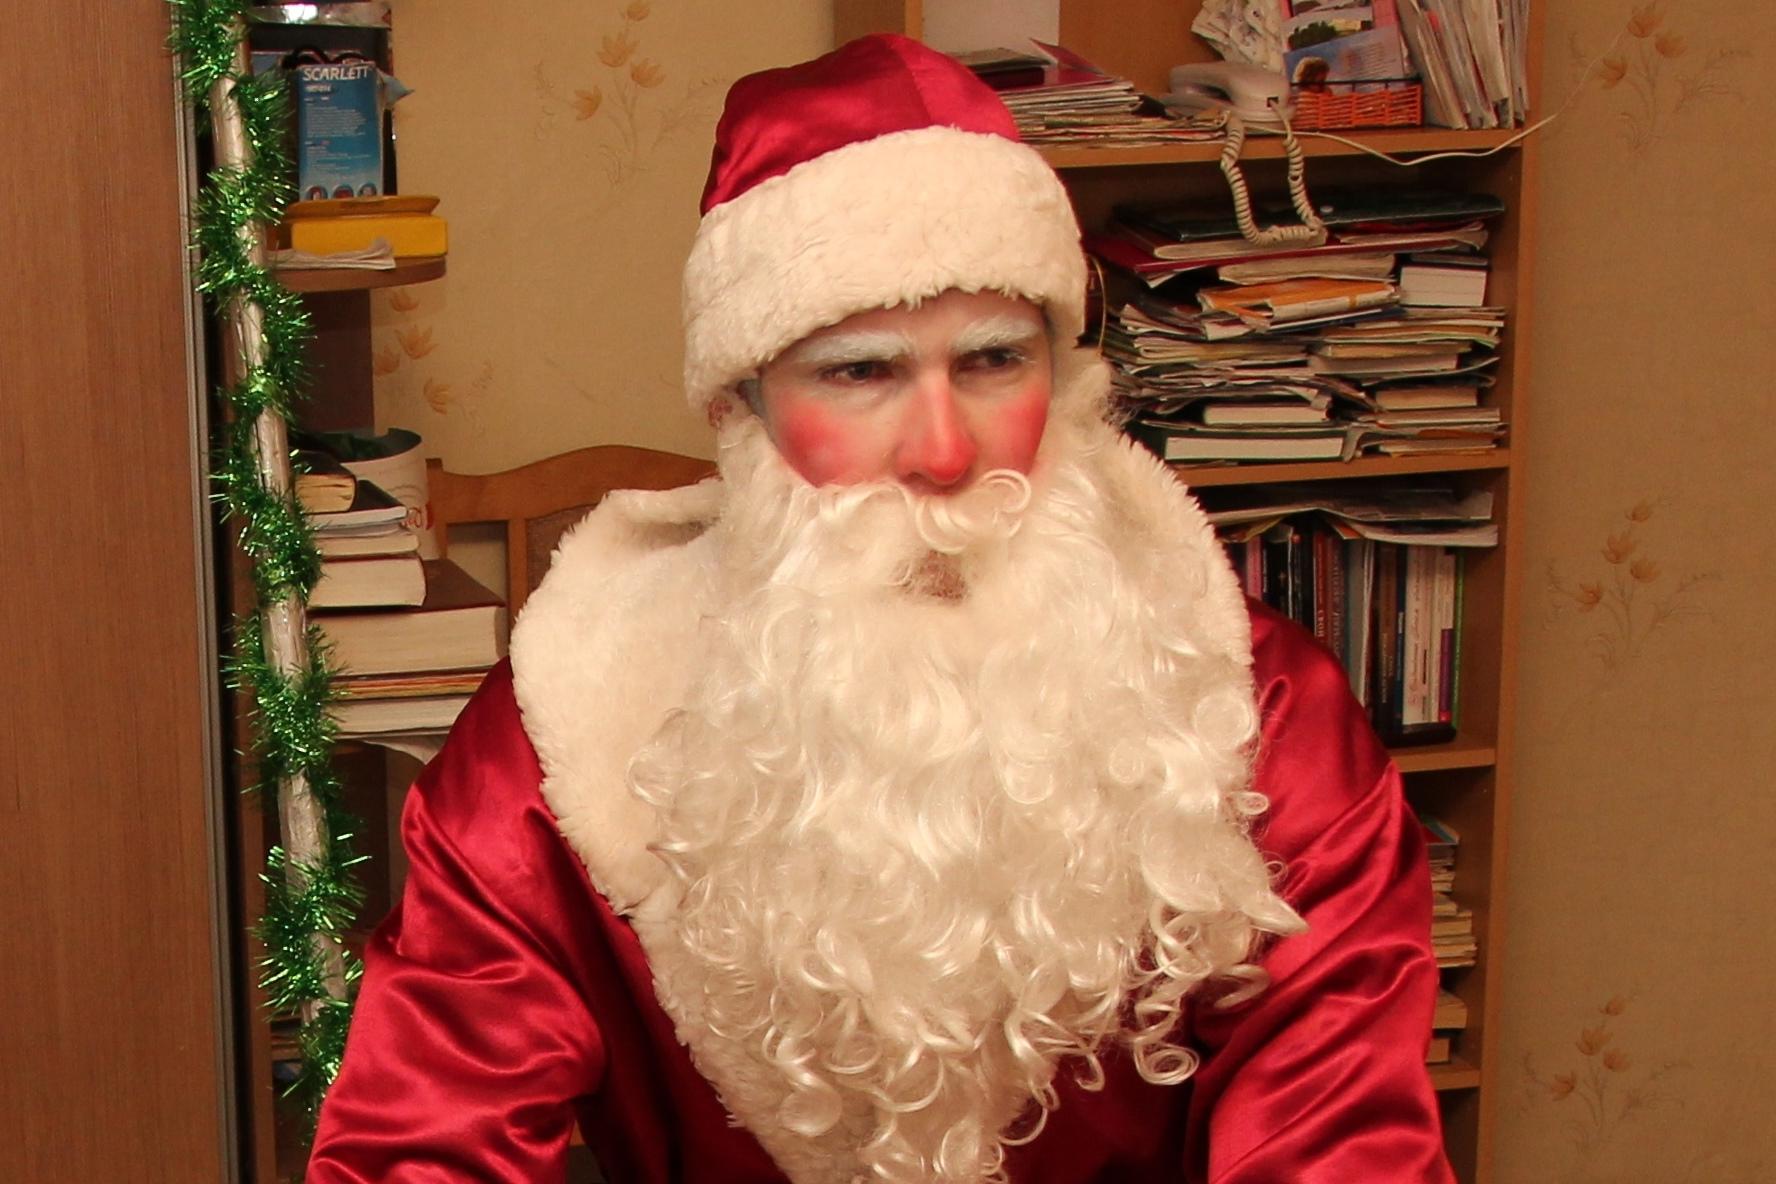 Дед Мороз 66.ru: почему стоит потратить время, чтобы принести сказку